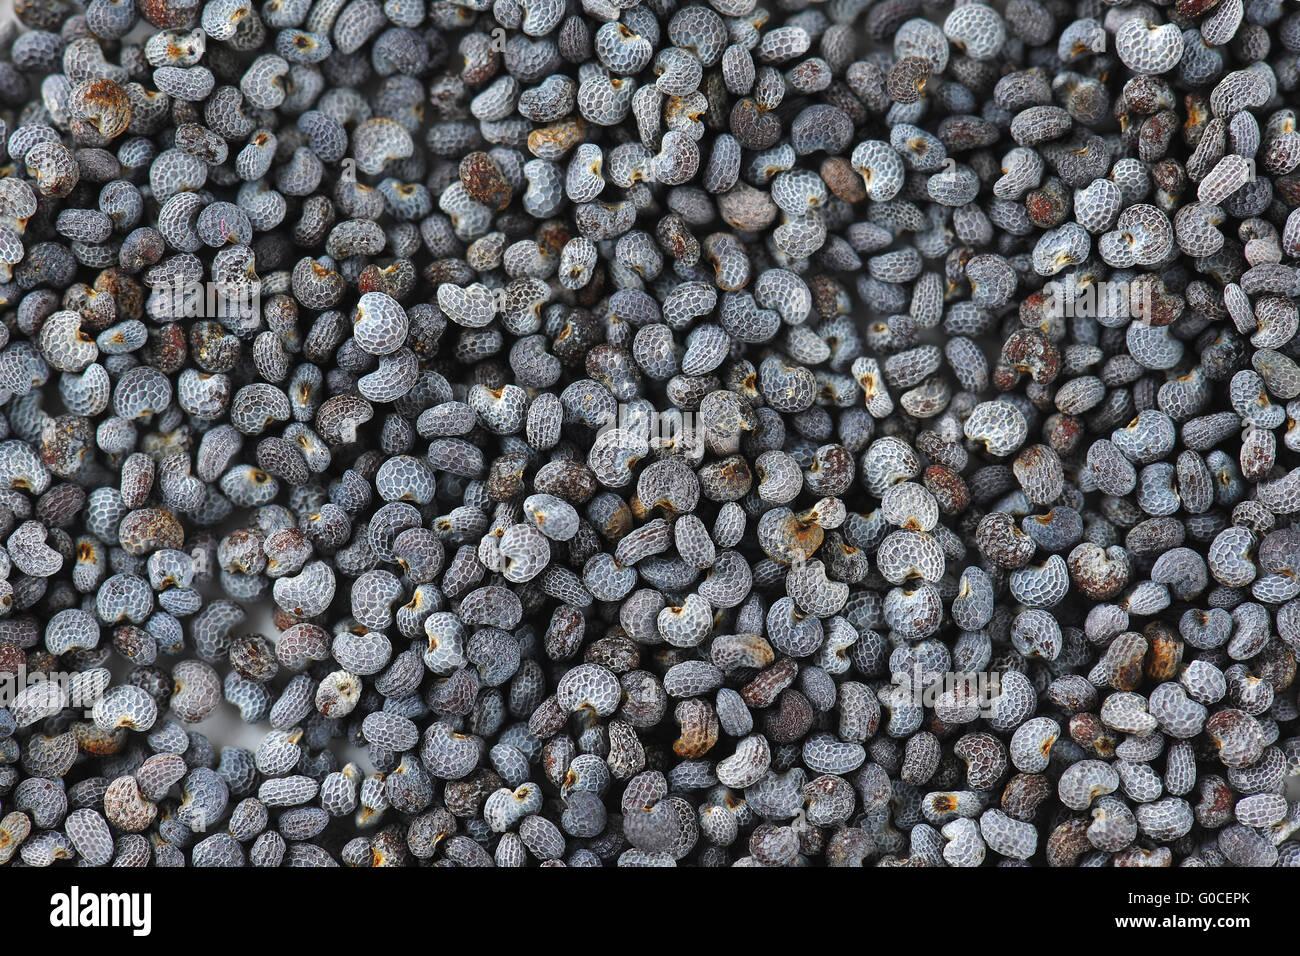 detail of poppy seeds - full frame - Stock Image